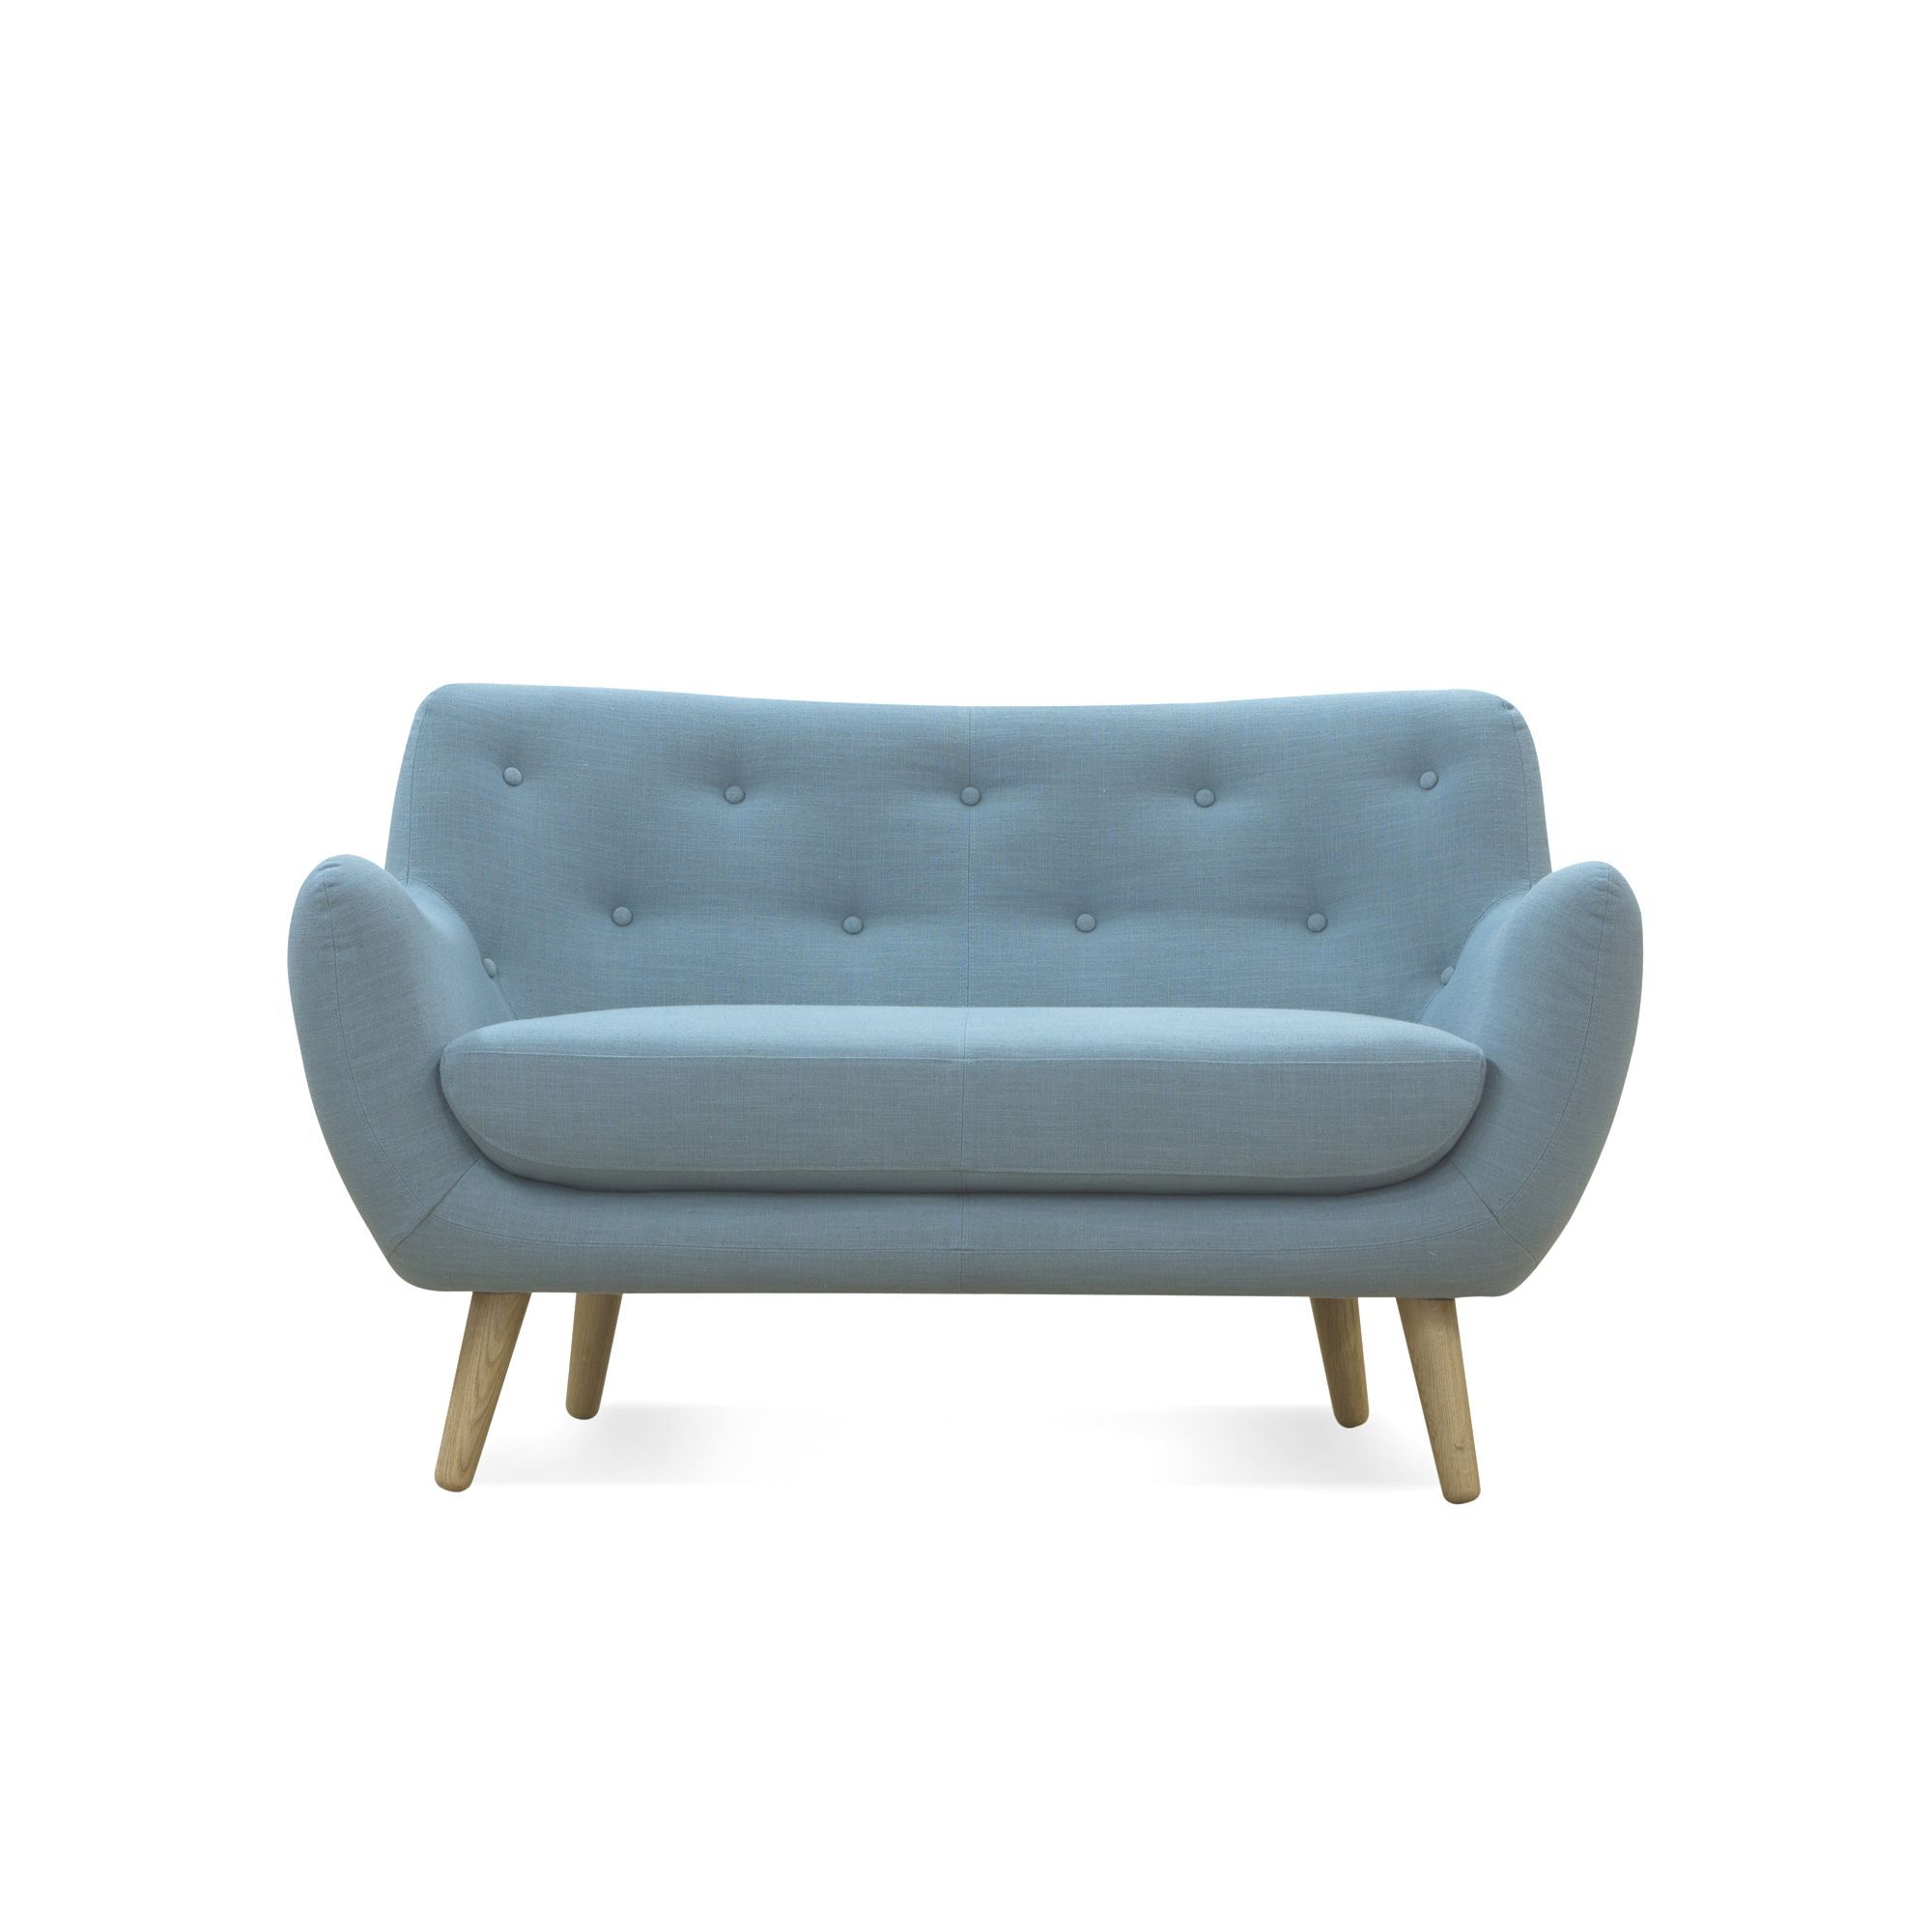 Poppy Meuble Canapé Places Fixe Esprit Scandinave Bleu Salons - Canapé convertible scandinave pour noël decoration meuble salon